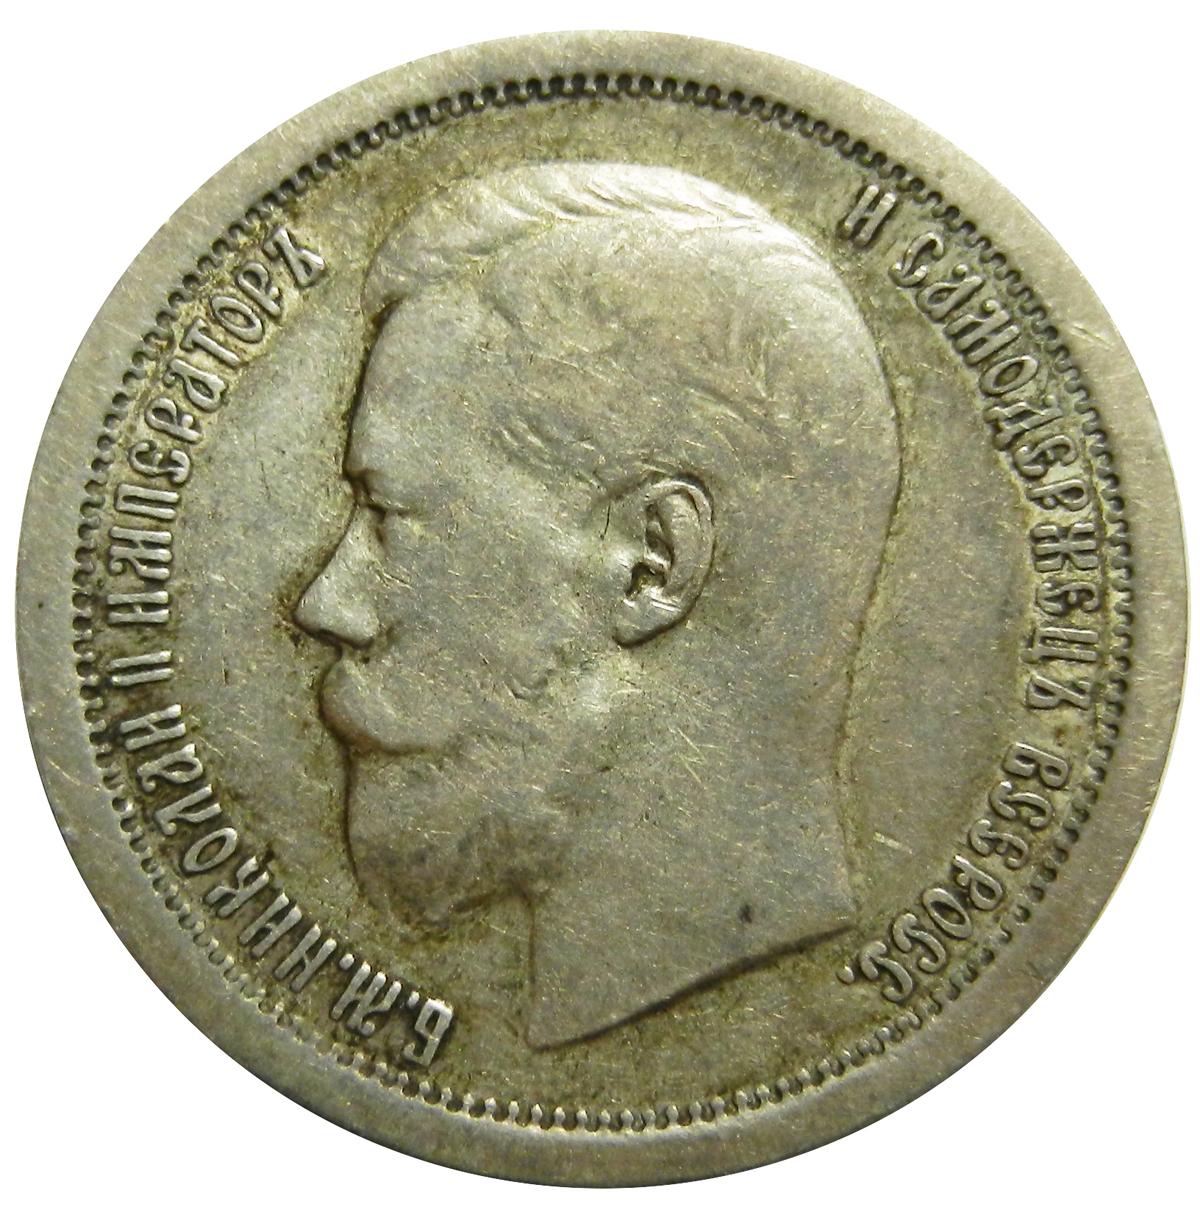 Монета Парижский монетный двор 50 копеек, 1897 год (Париж) Российская Империя цена